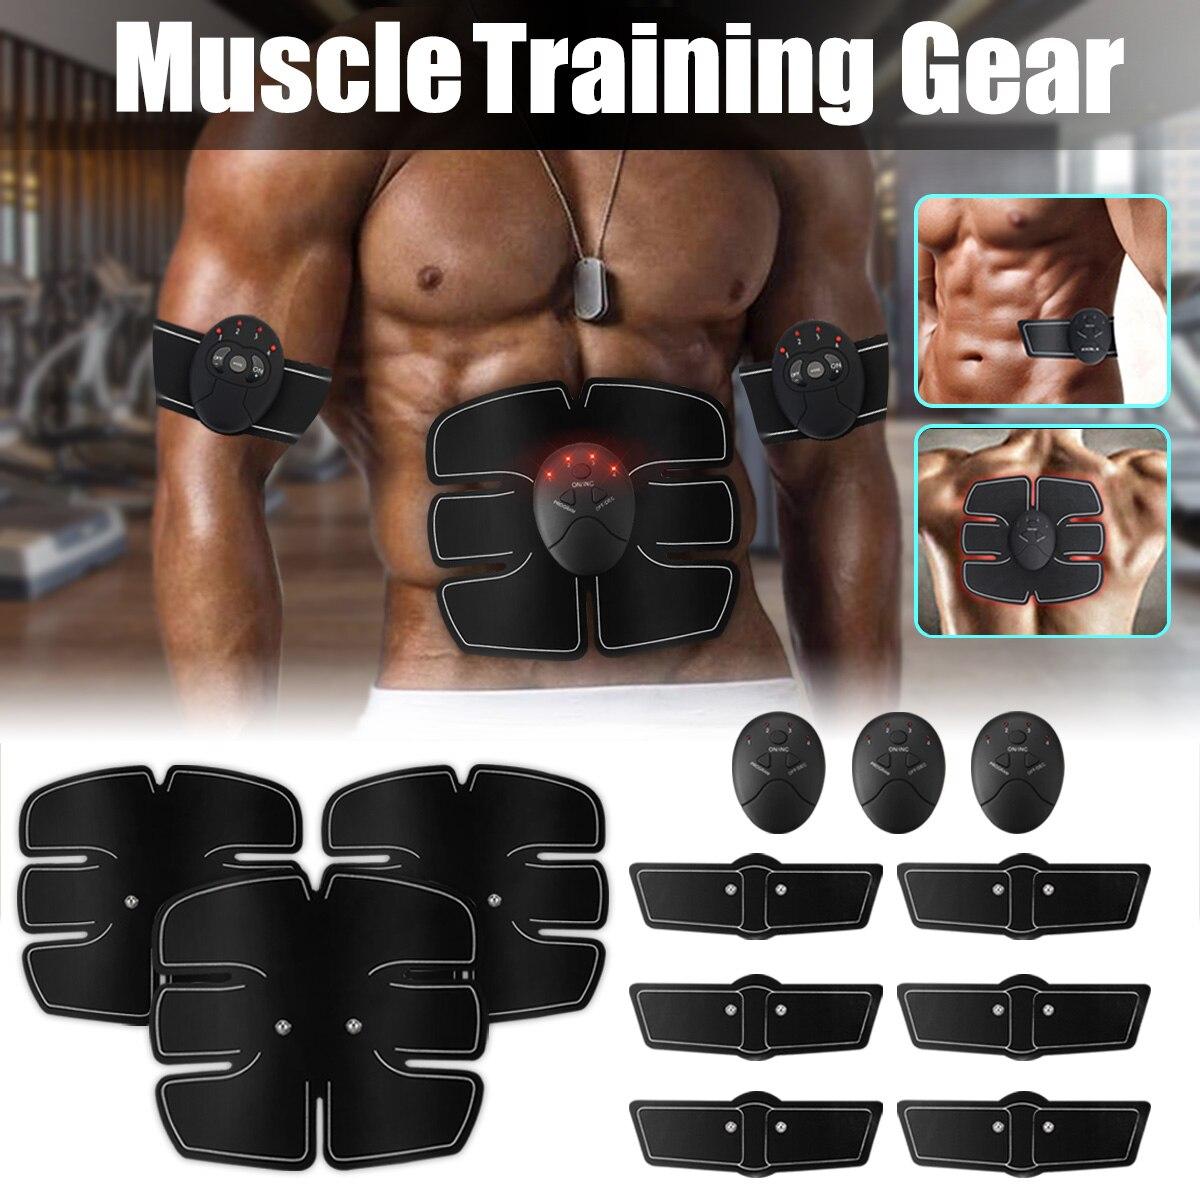 12PCS Set Abs Abdominal Músculo Estimulador Elétrico Massageador Exercitador Formação Toning Belt Cintura Corpo Braço Perna Instrutor de Fitness